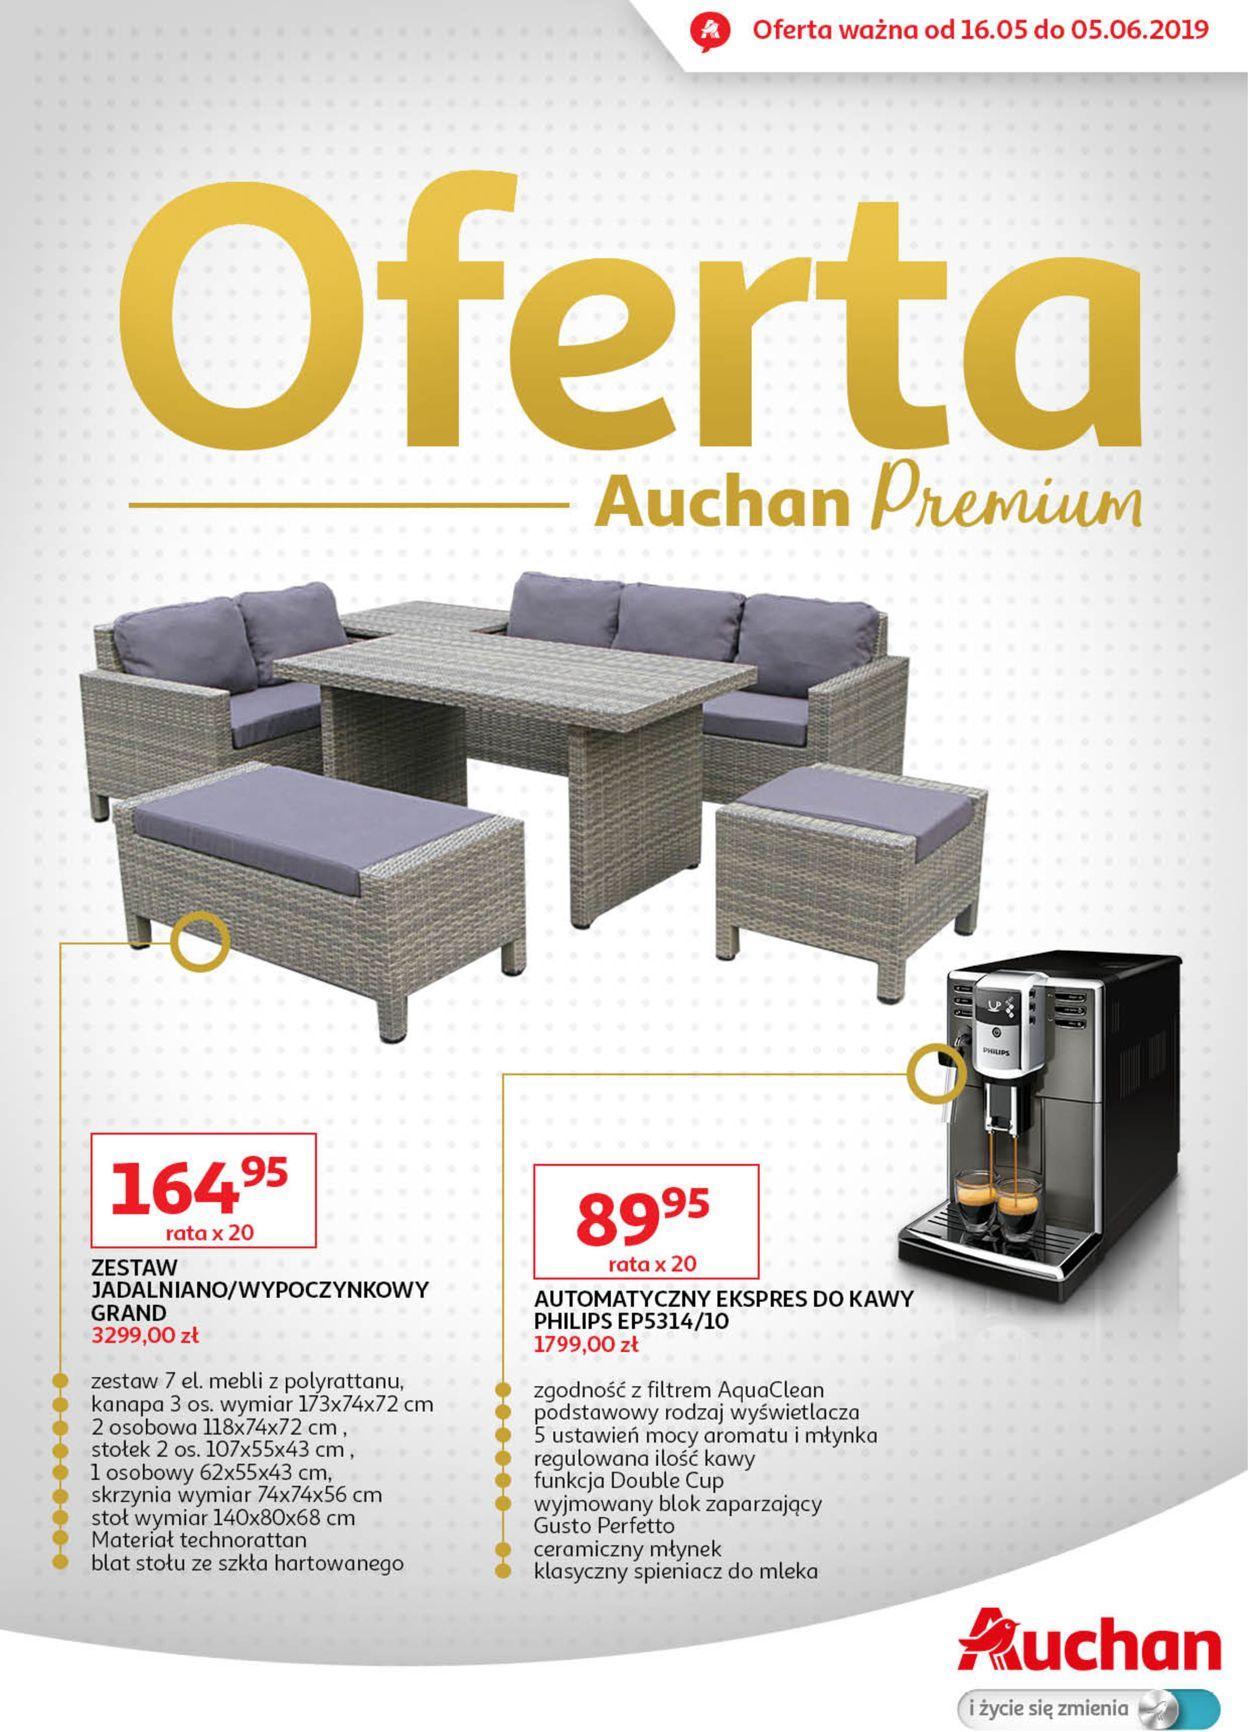 Gazetka promocyjna Auchan - 16.05-05.06.2019